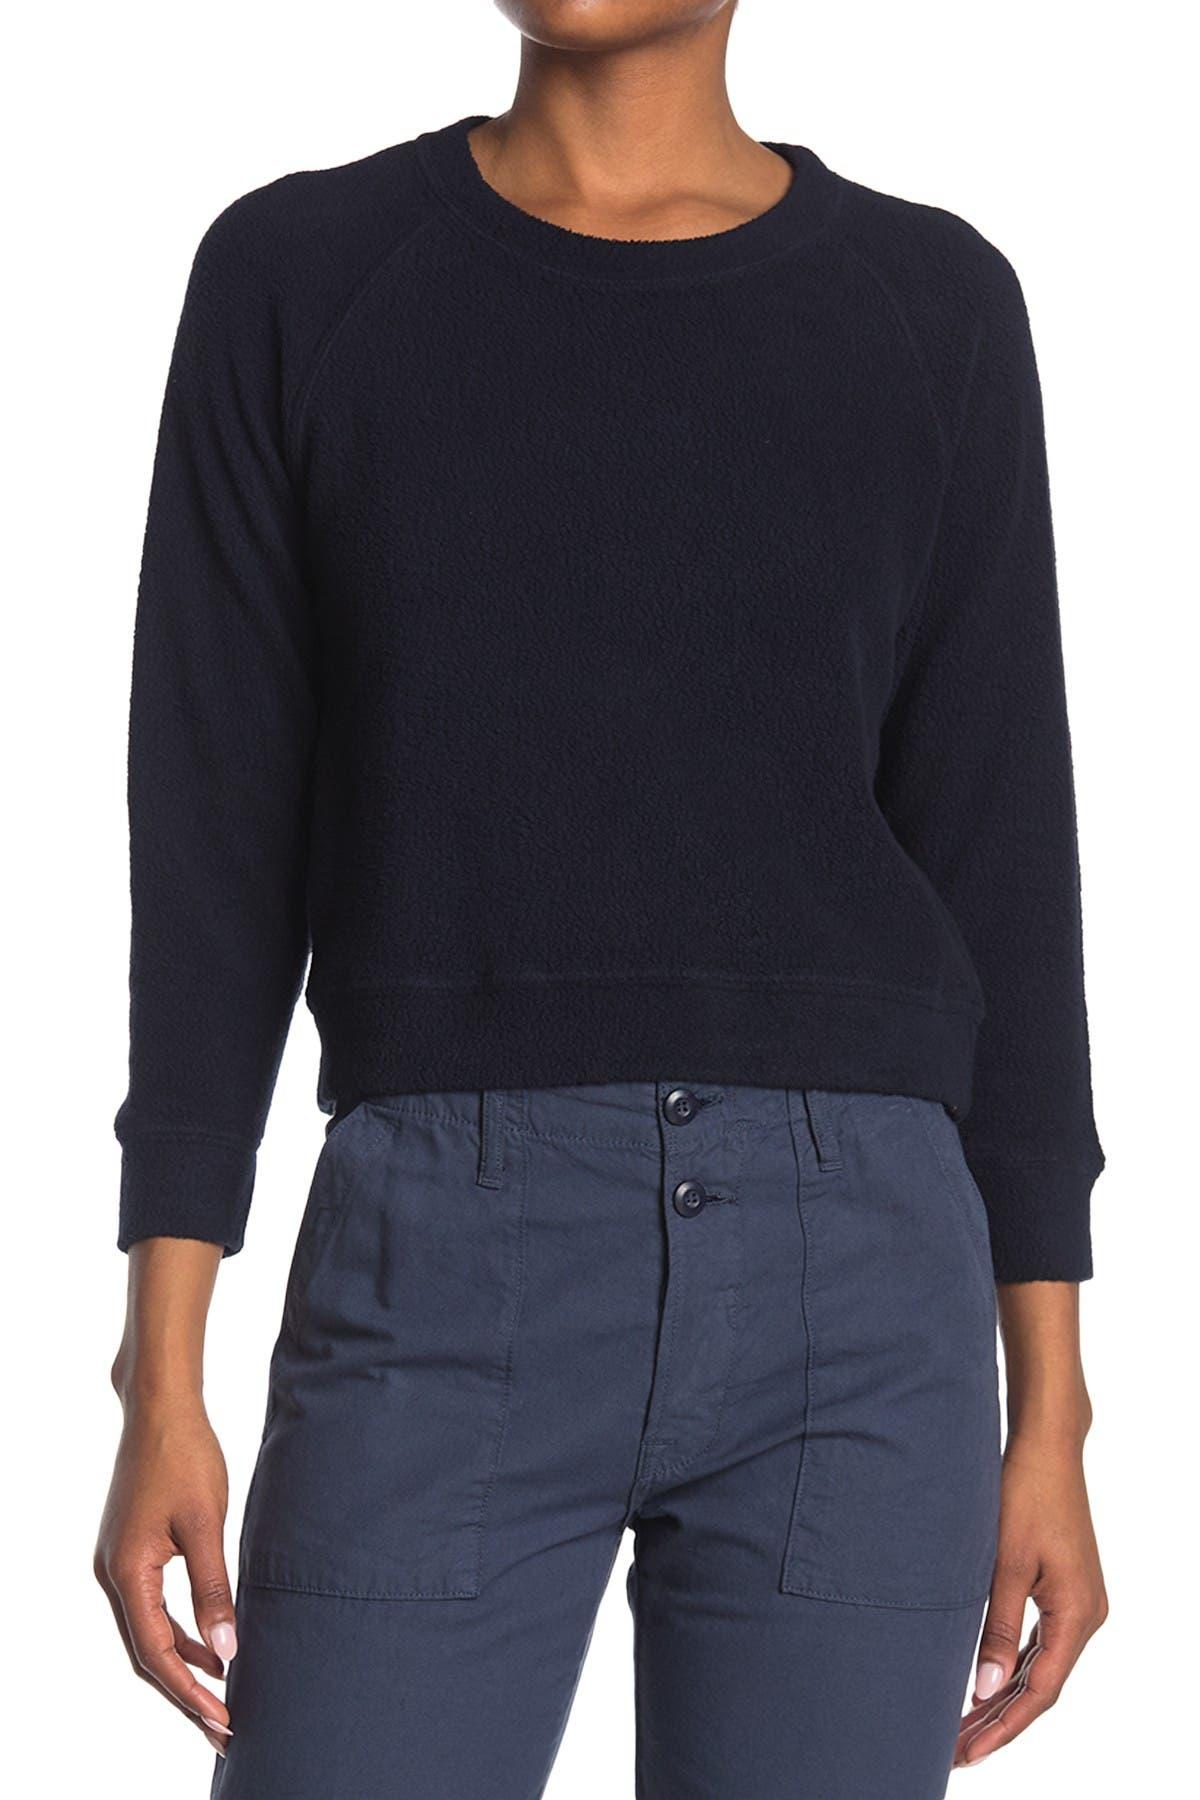 Image of Stateside Fleece Crewneck Sweatshirt